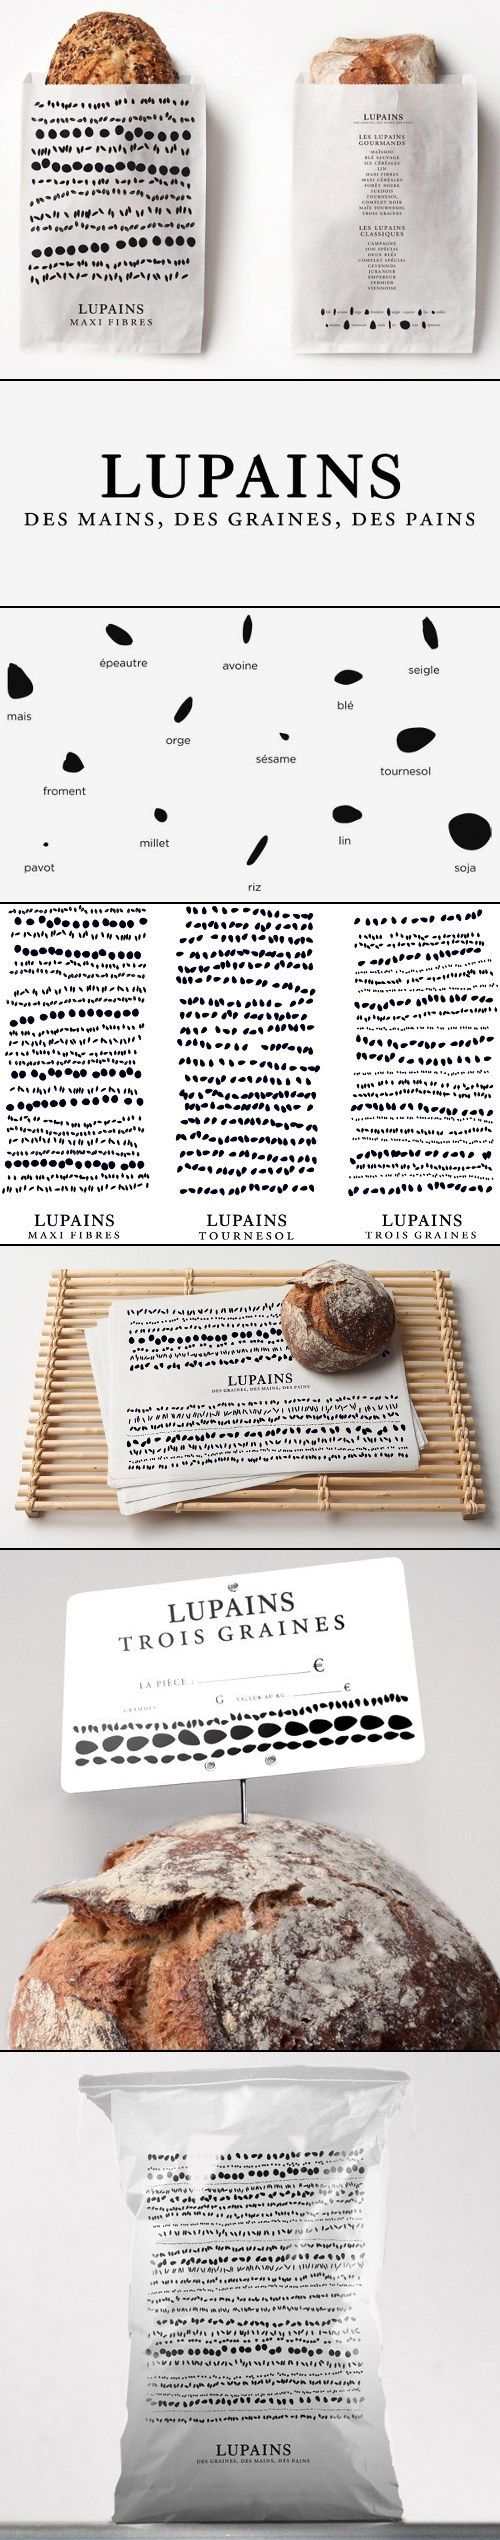 Lupains by Les Bon Faiseurs